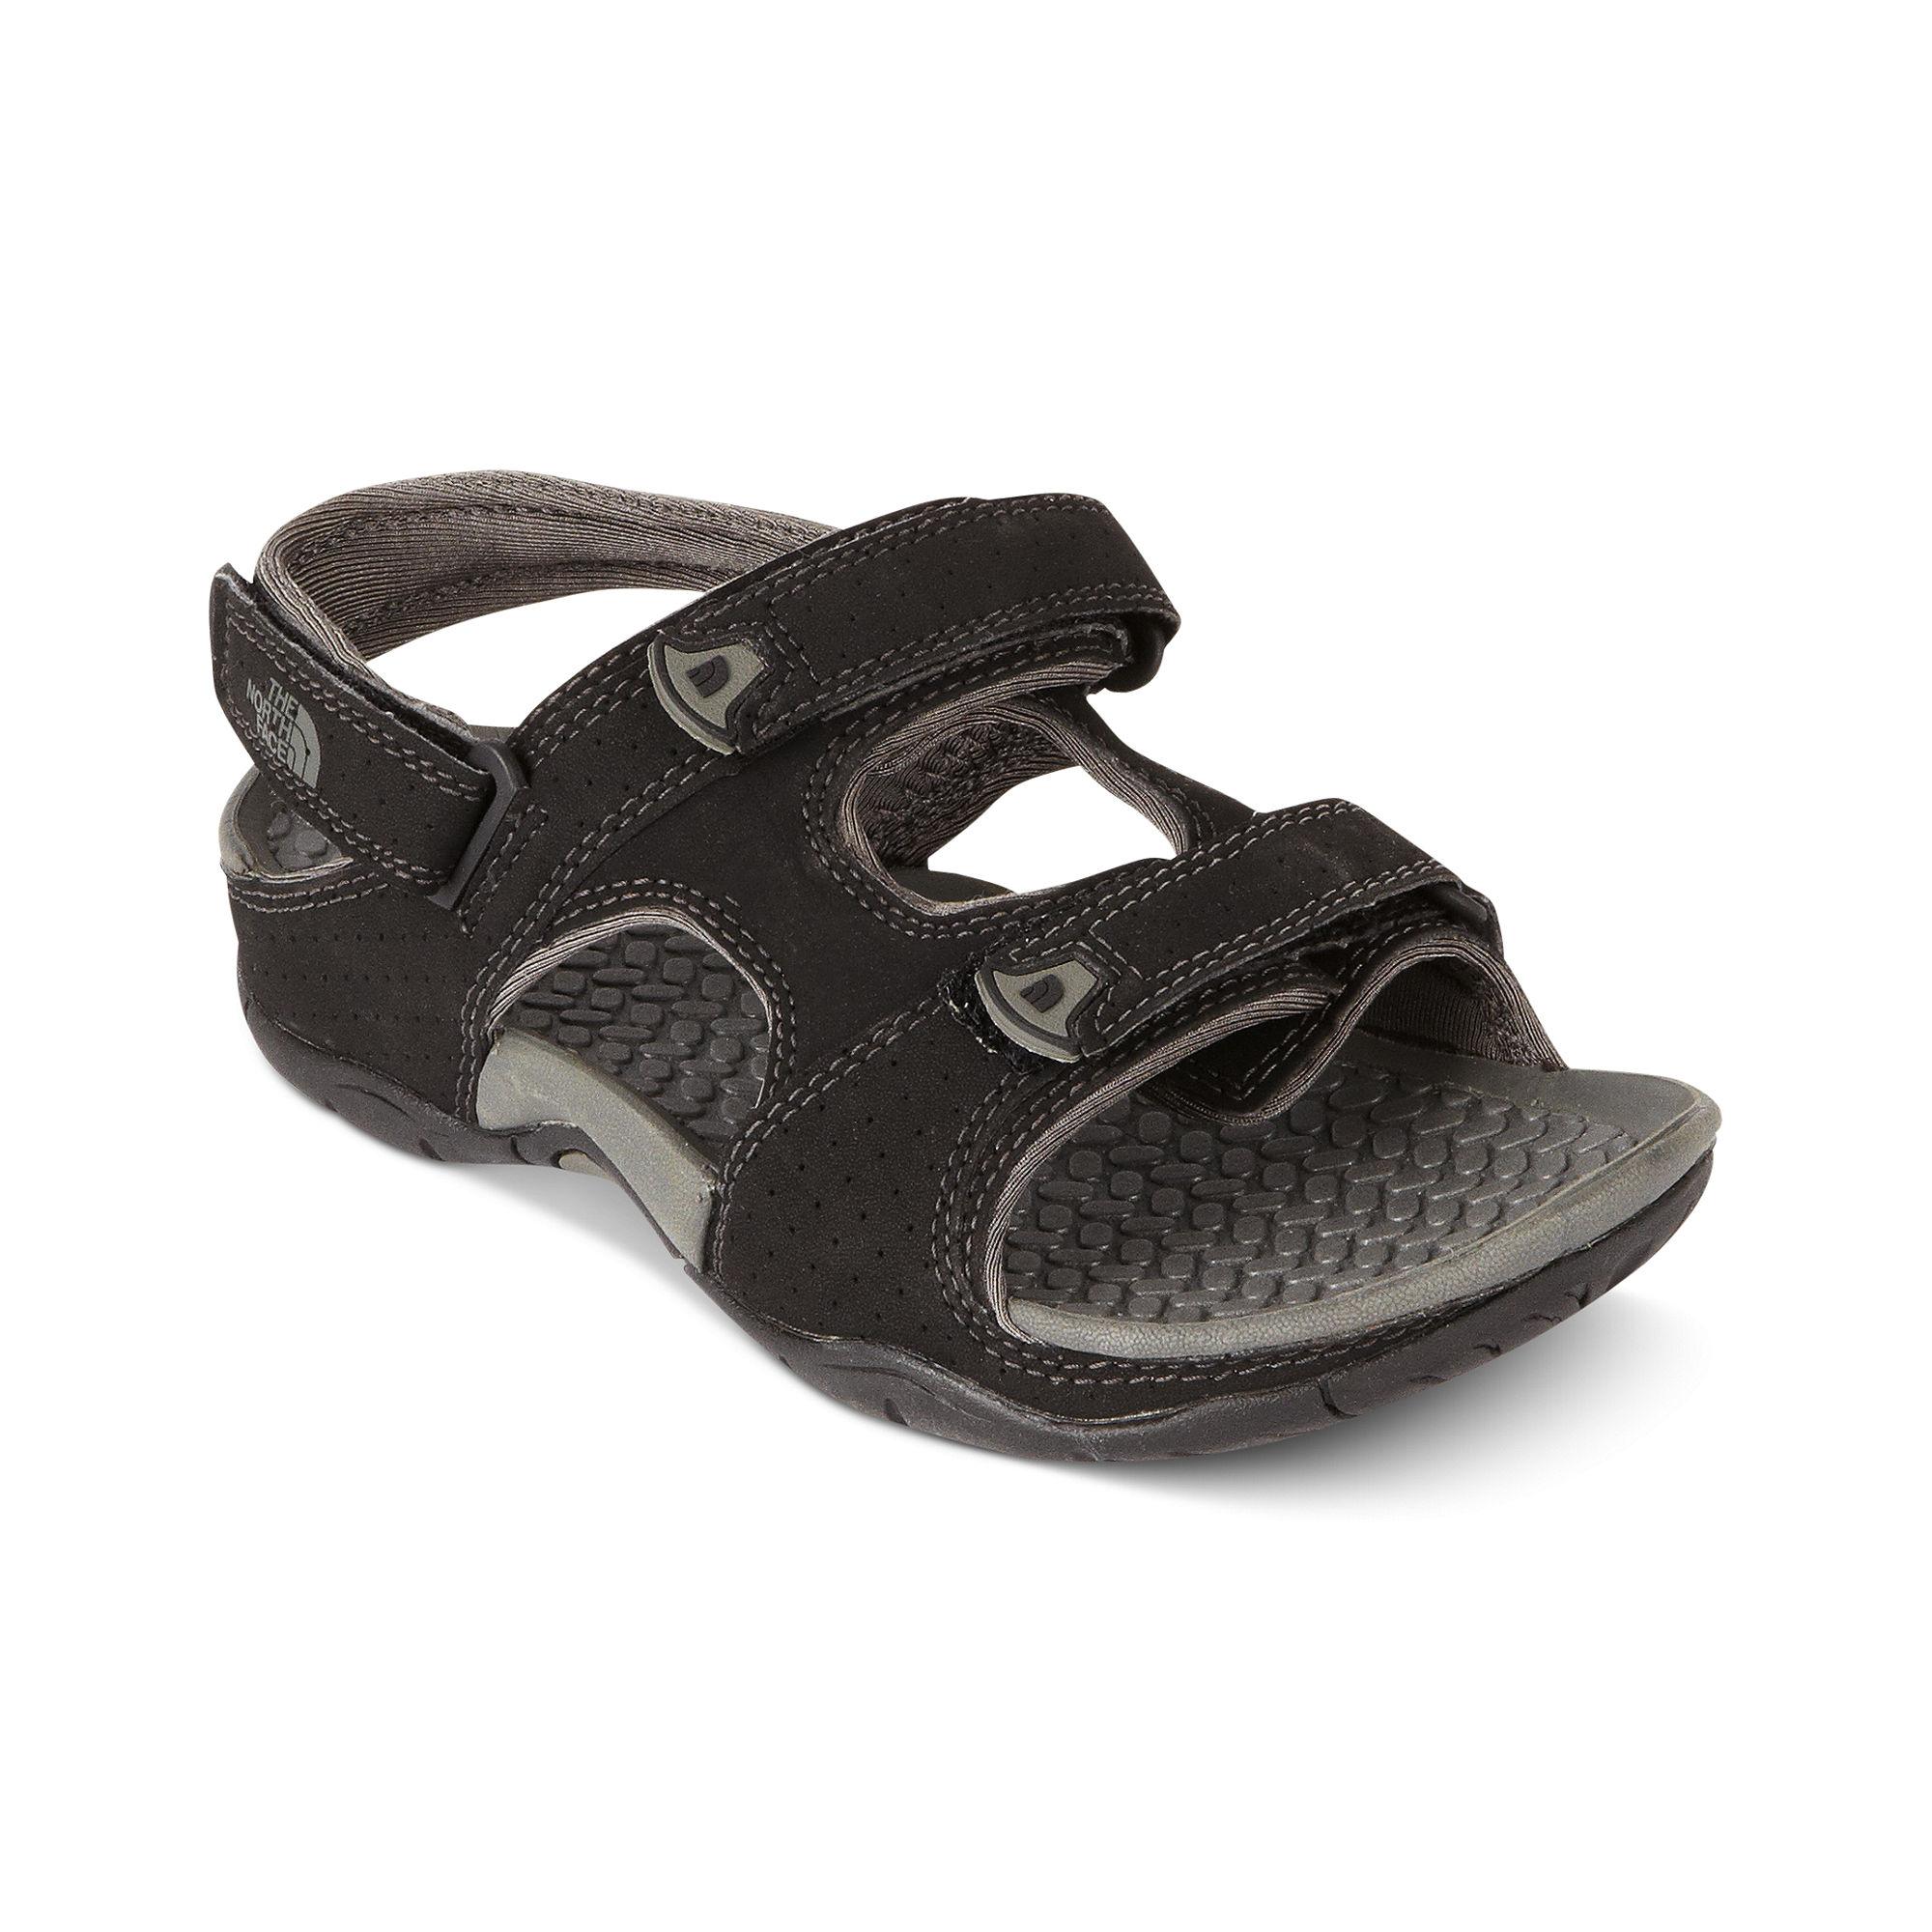 Keen Keen Sandals